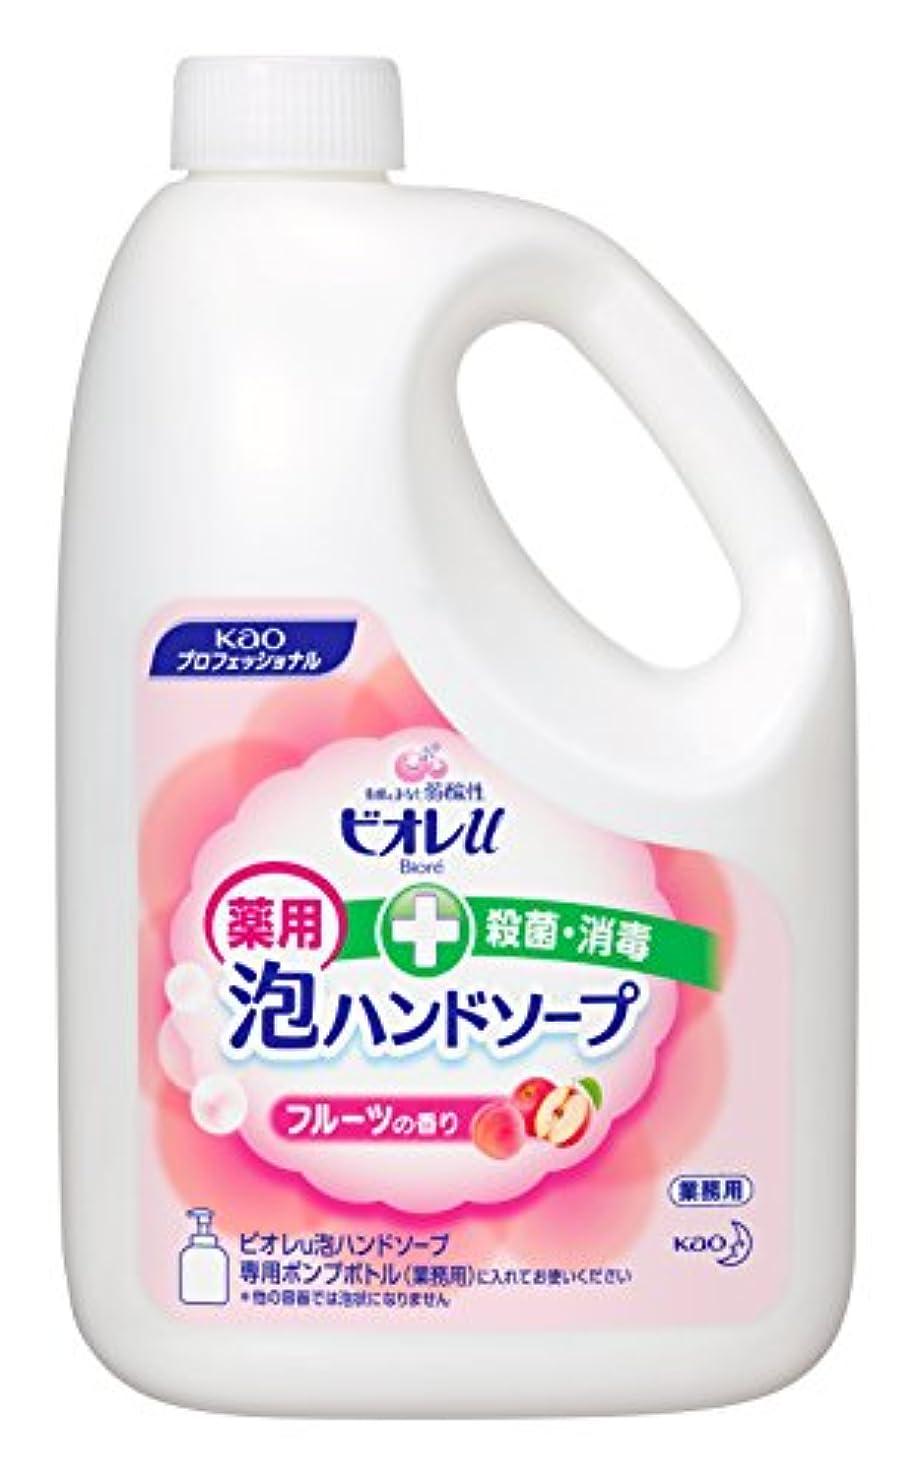 癌実行可能同様に【業務用 泡ハンドソープ】ビオレu 泡ハンドソープ フルーツの香り 2L(プロフェッショナルシリーズ)